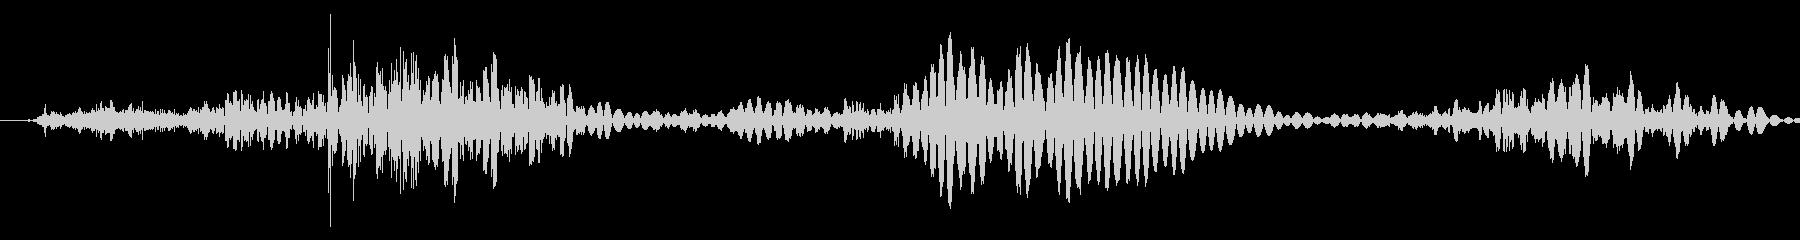 モンスター:フランジグロールコールの未再生の波形